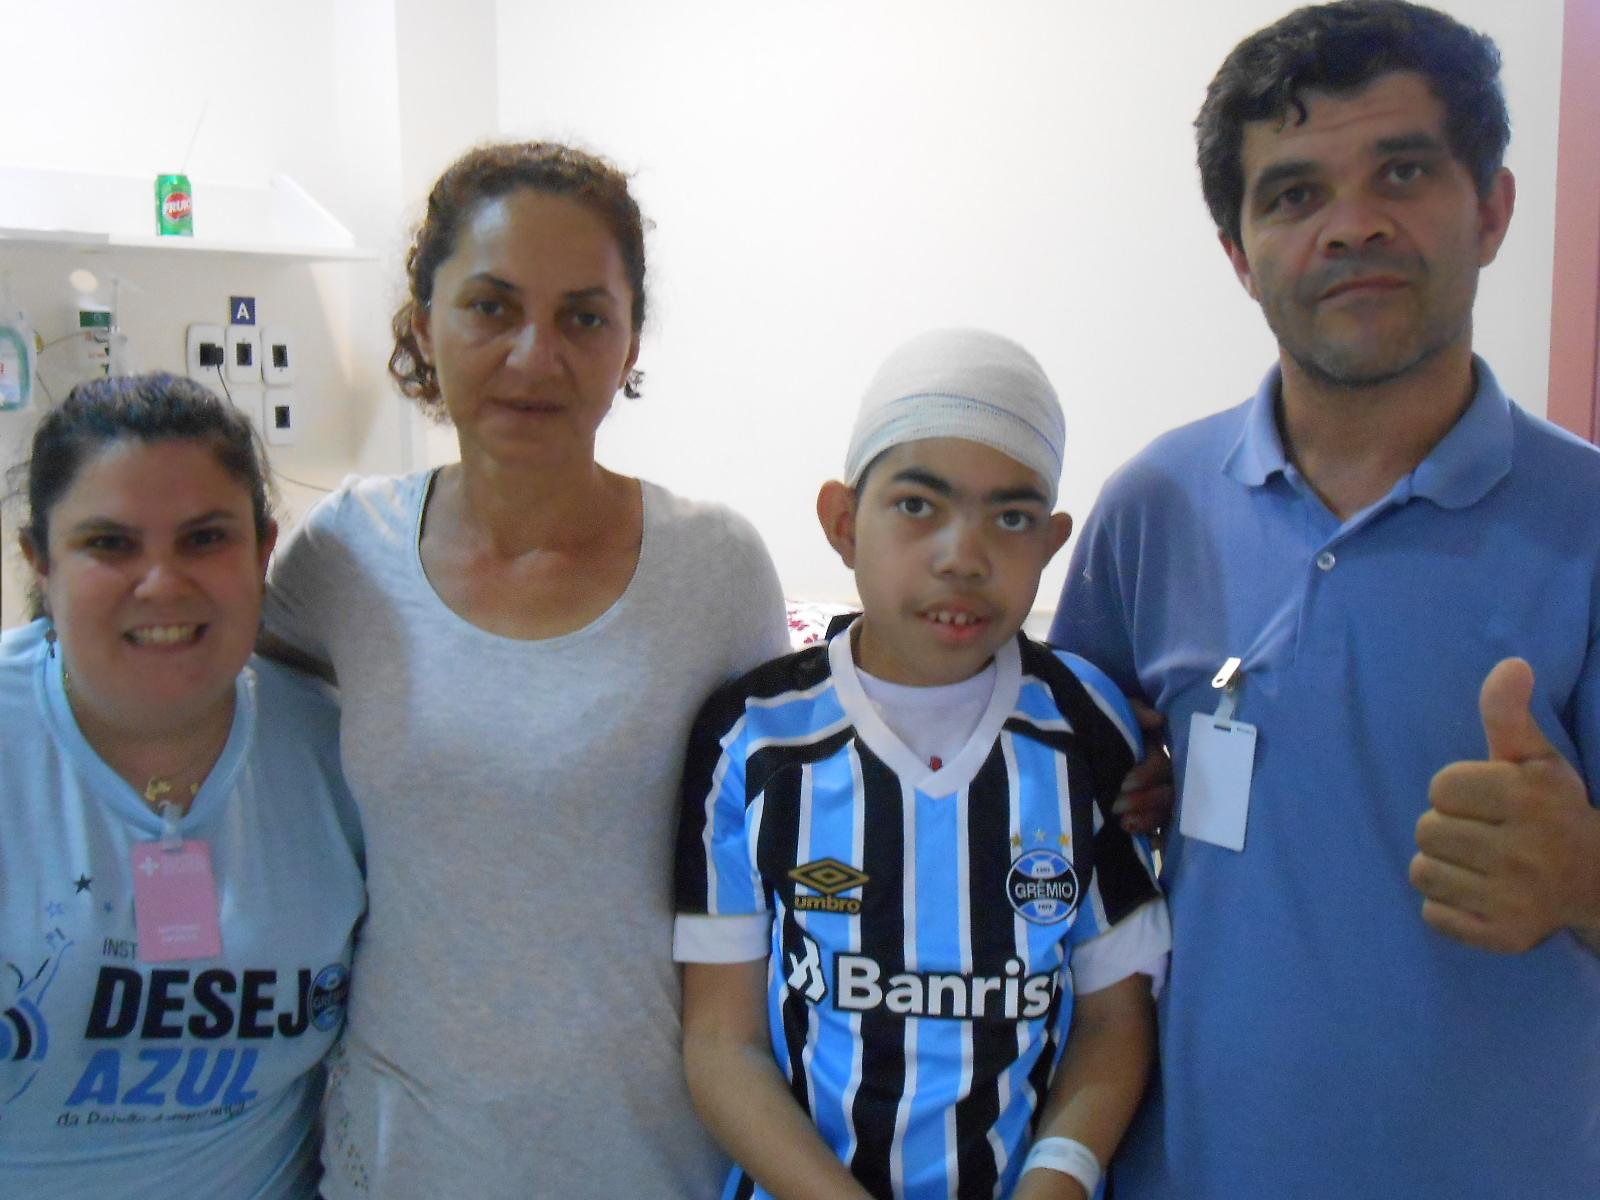 Vinícius faz tratamento no Hospital São Lucas da PUC. Passou por uma cirurgia que com certeza irá mudar sua qualidade de vida. E como estimulo antes de receber alta recebeu da voluntária Bianca Rosito Machado uma camiseta oficial do Grêmio.